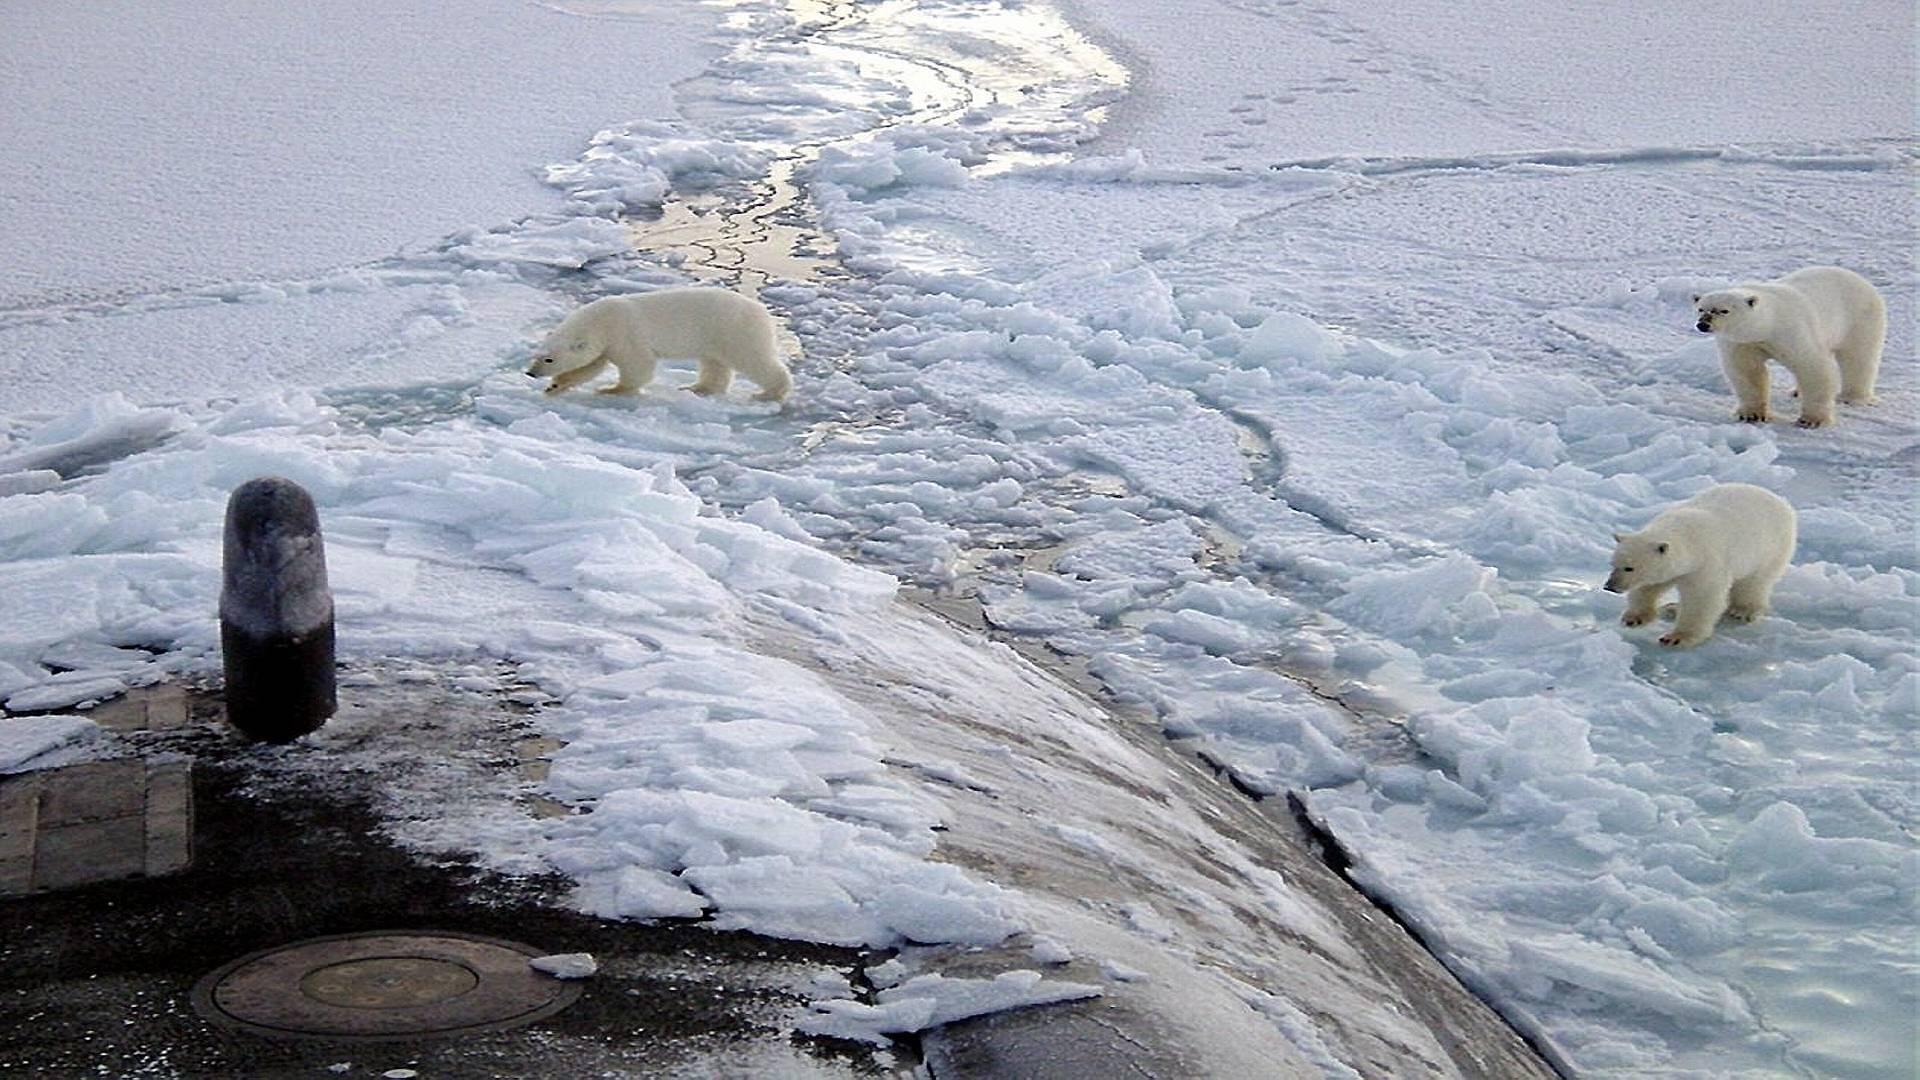 Атомная субмарина  и полярные медведи.